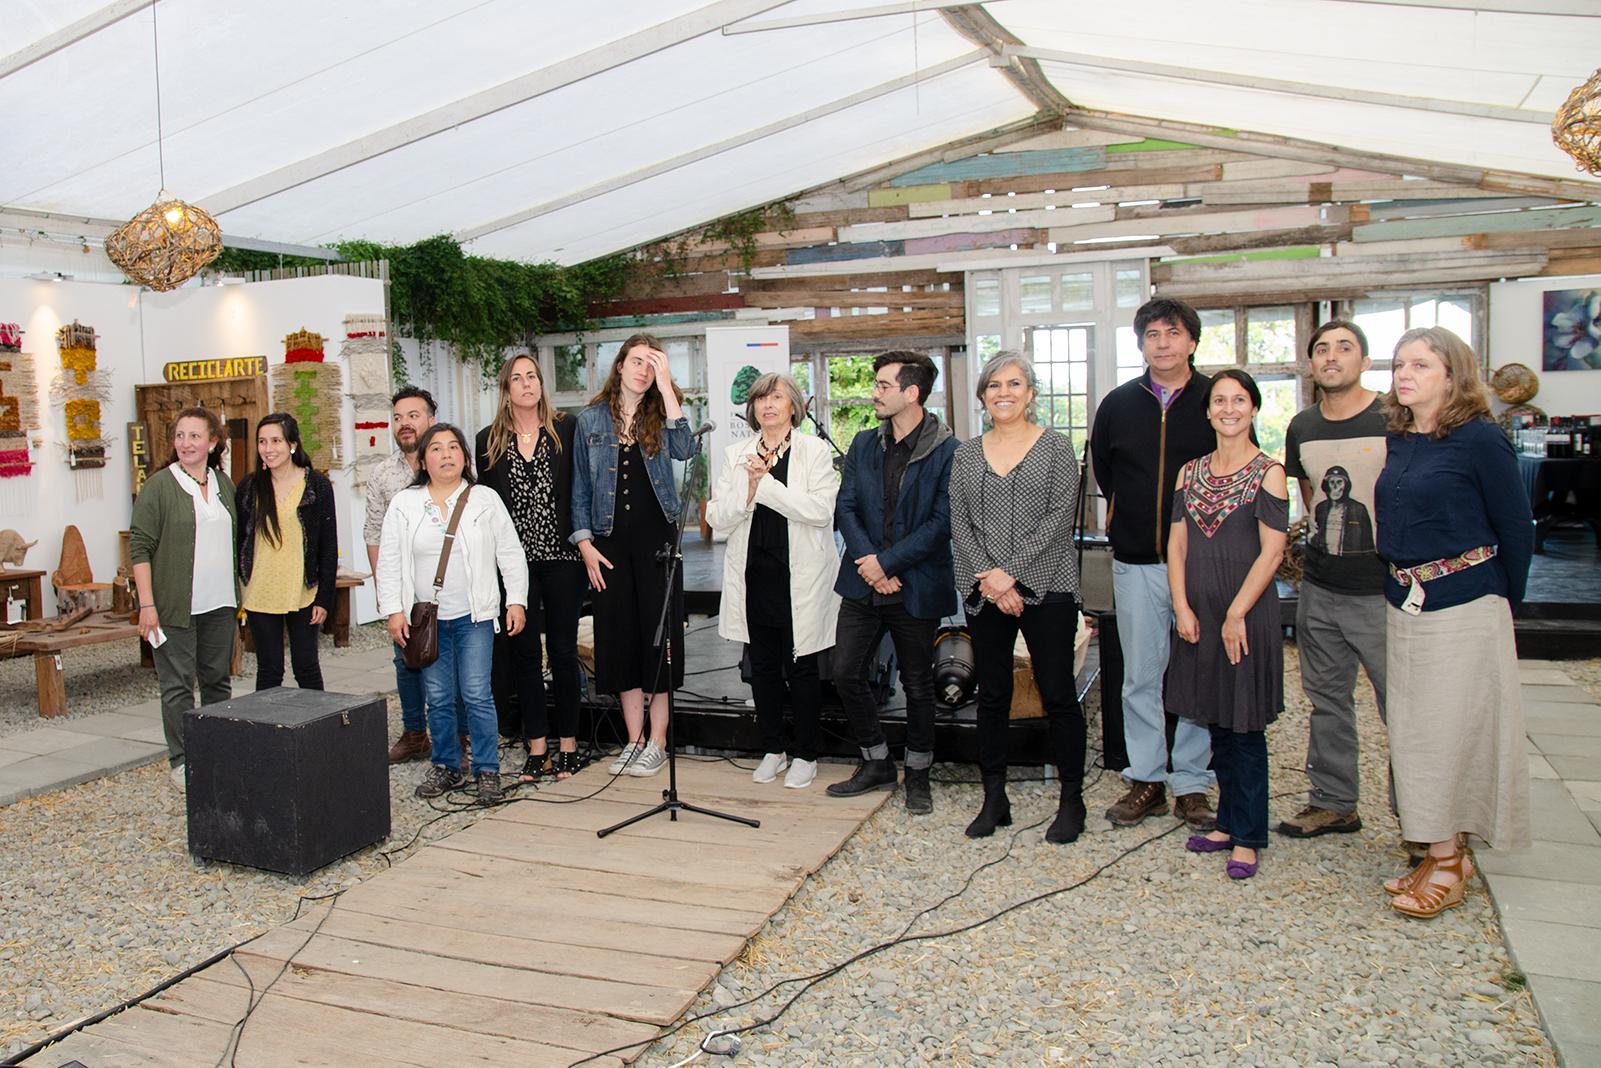 Inauguración Encuentro de Arte en Puerto Varas - Diario Puerto Varas